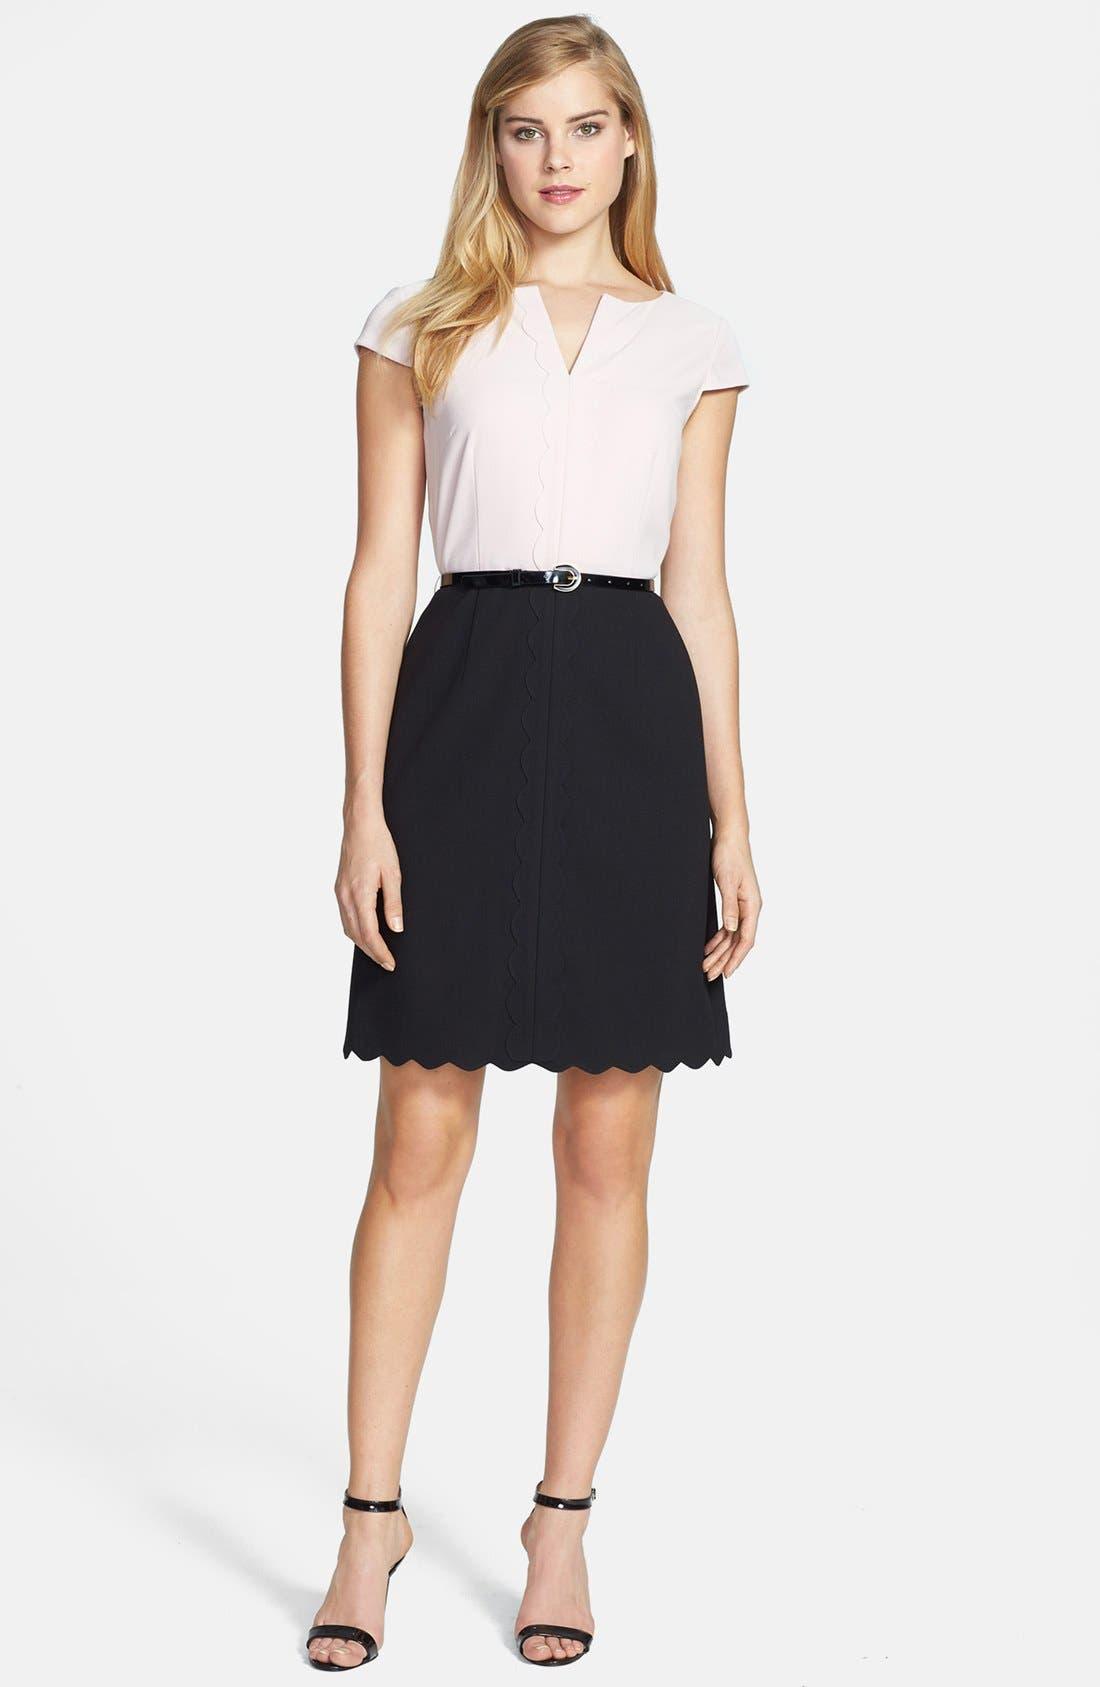 Alternate Image 1 Selected - Tahari Two-Tone Crepe Fit & Flare Dress